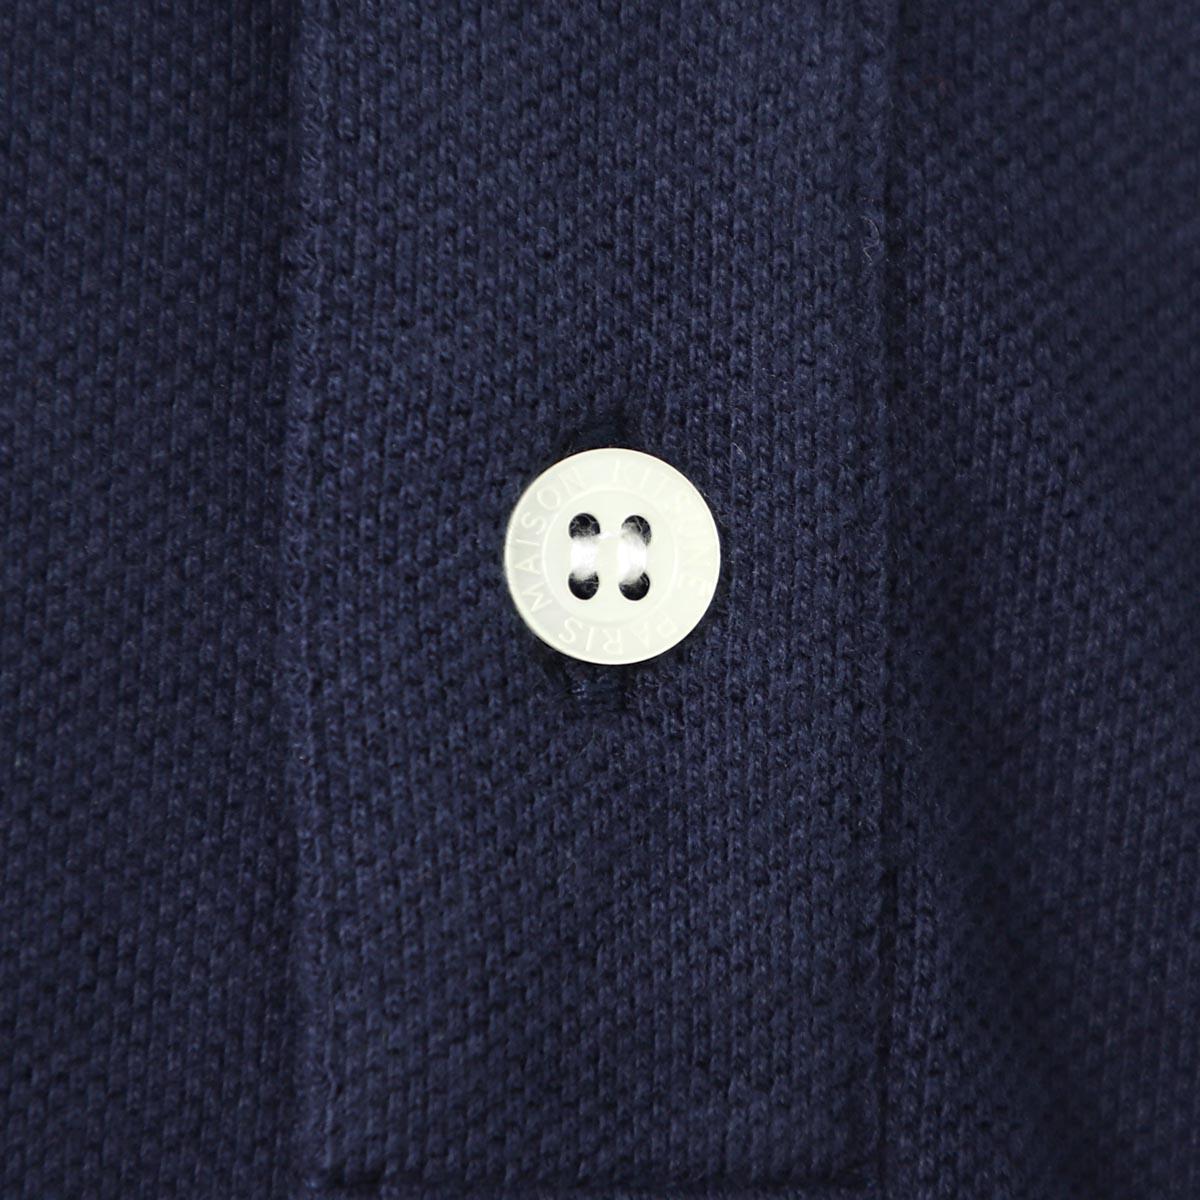 【アウトレット】【ラスト1点】MAISON KITSUNE メゾンキツネ ポロシャツ/TRICOLOR FOX PATCH CLASSIC POLO メンズ